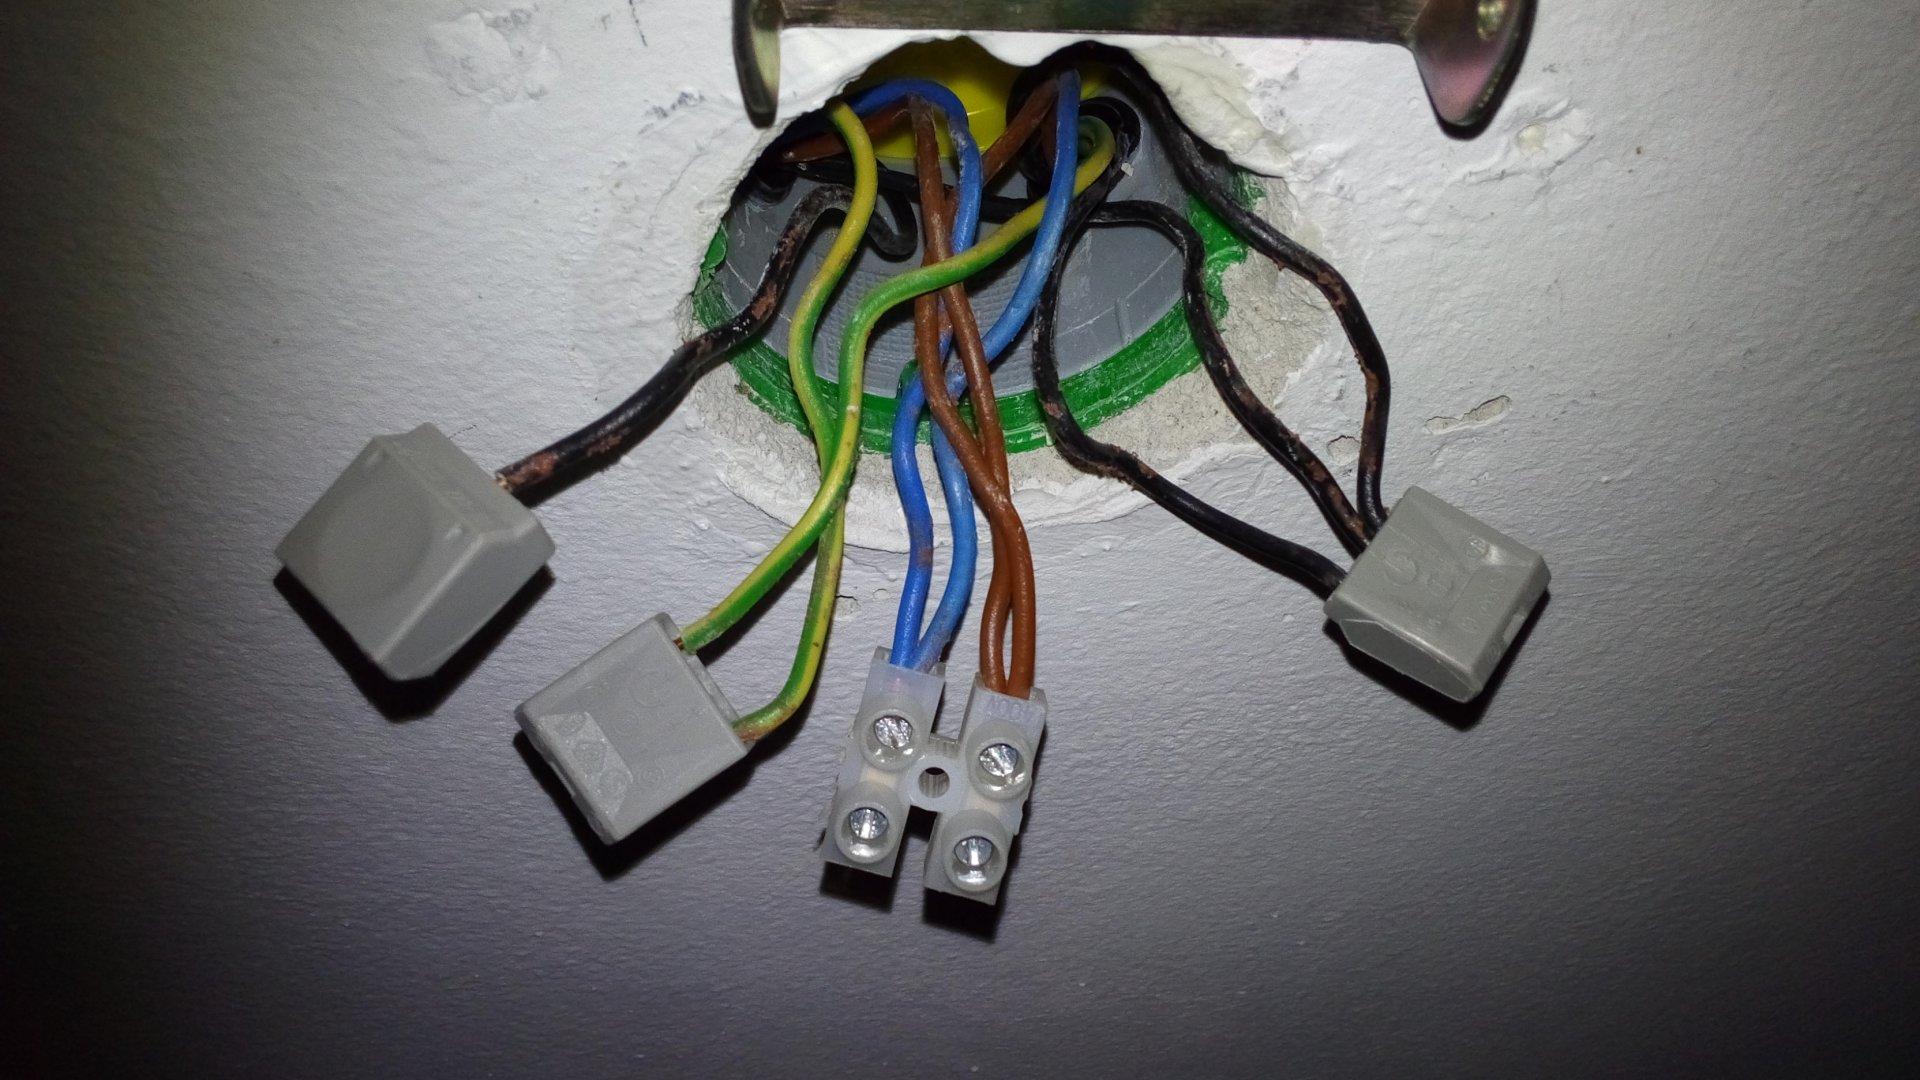 lampe wohnzimmer anschlieben : Deckenlampe Anschliessen Bei Serienschaltung Doppelwippschalter